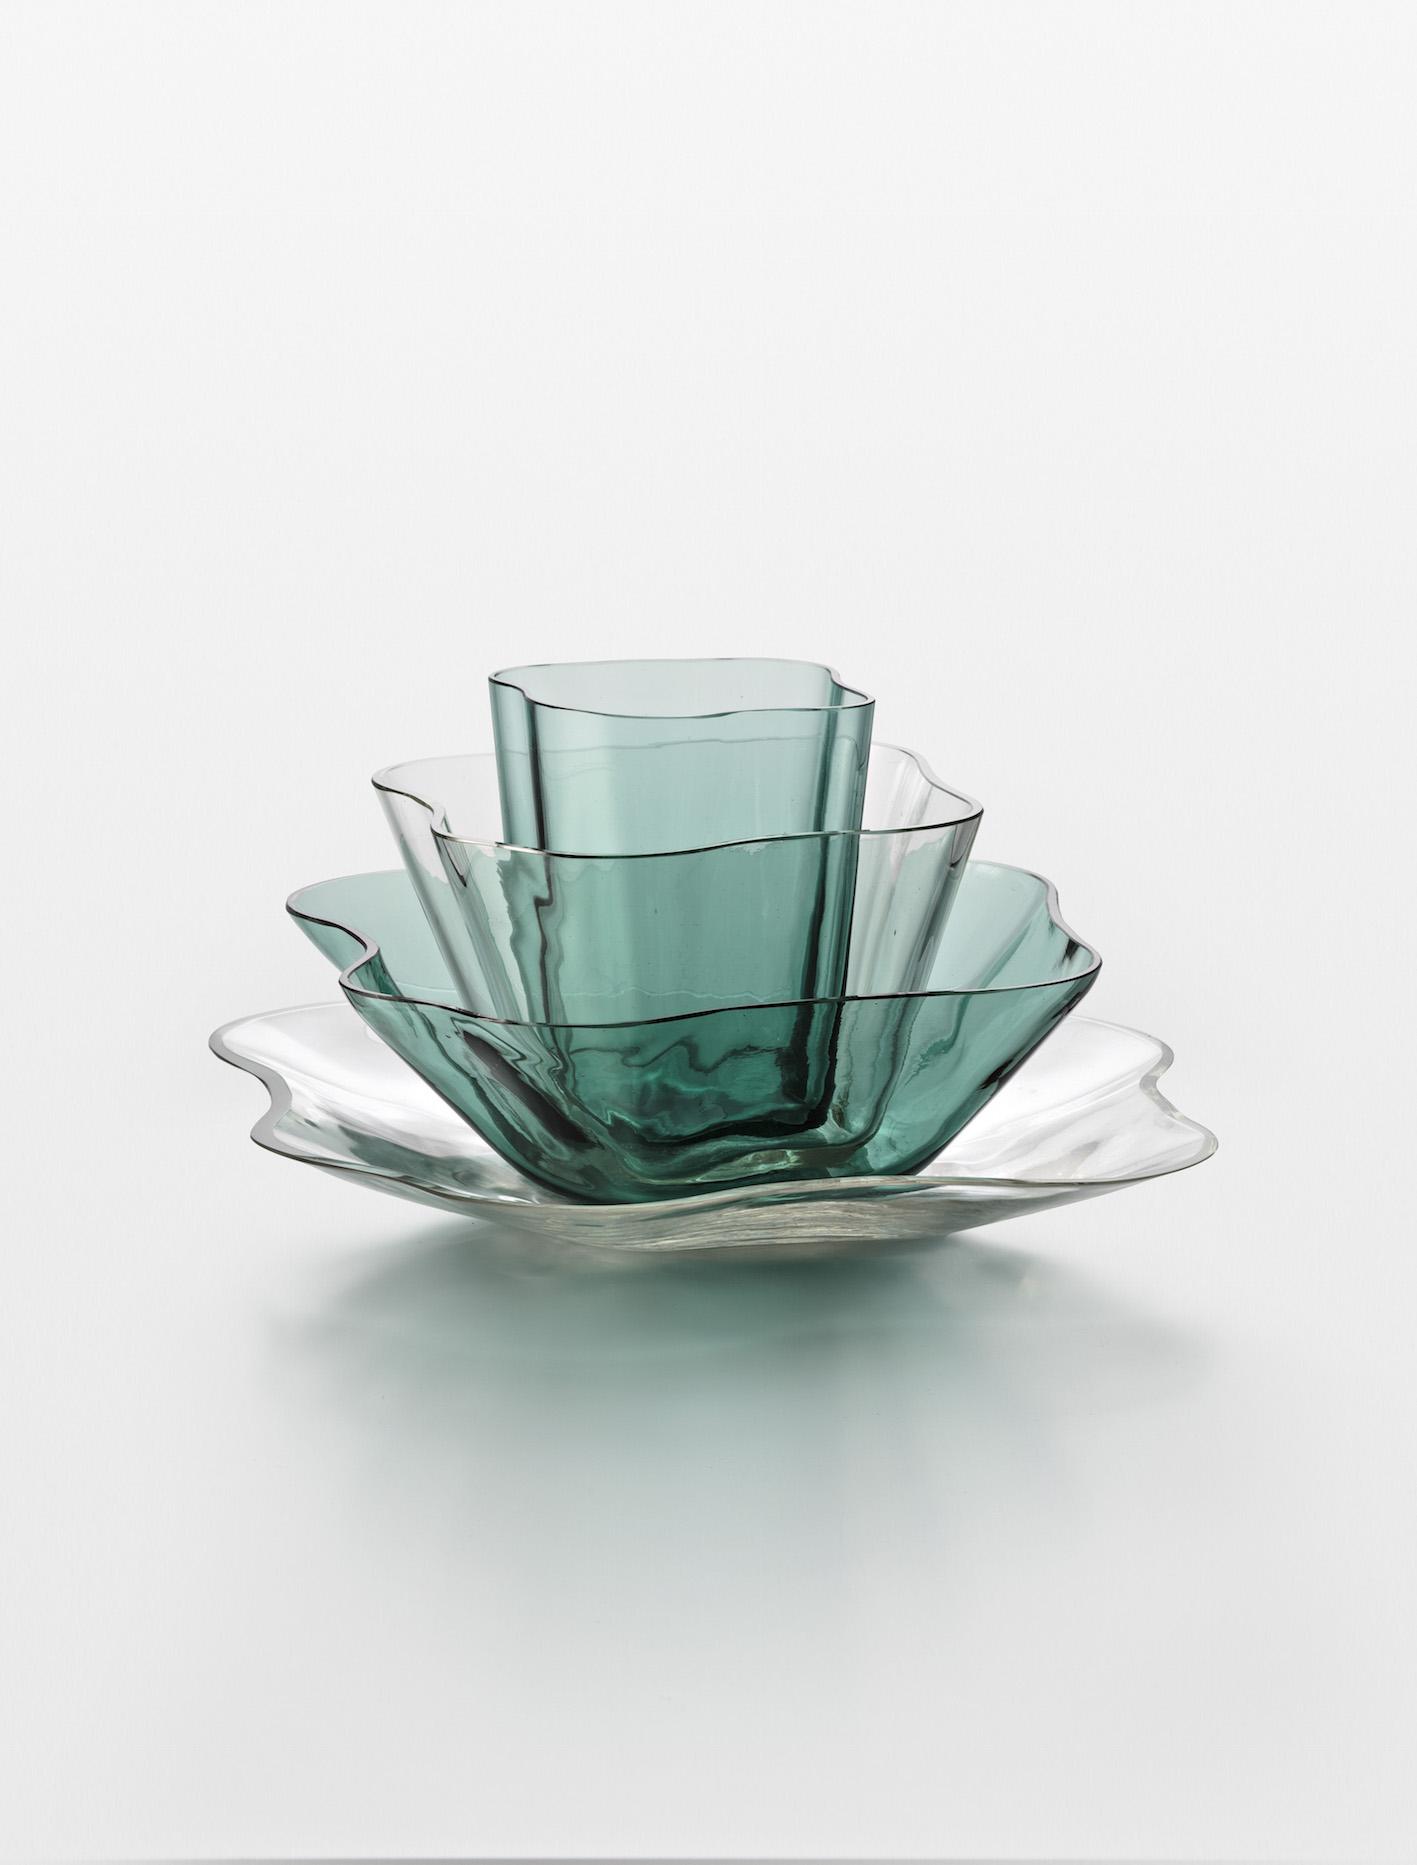 Alvar Aalto, Aalto-kukka (Aalto Flower), Plate, bowls and vase, 1939 .